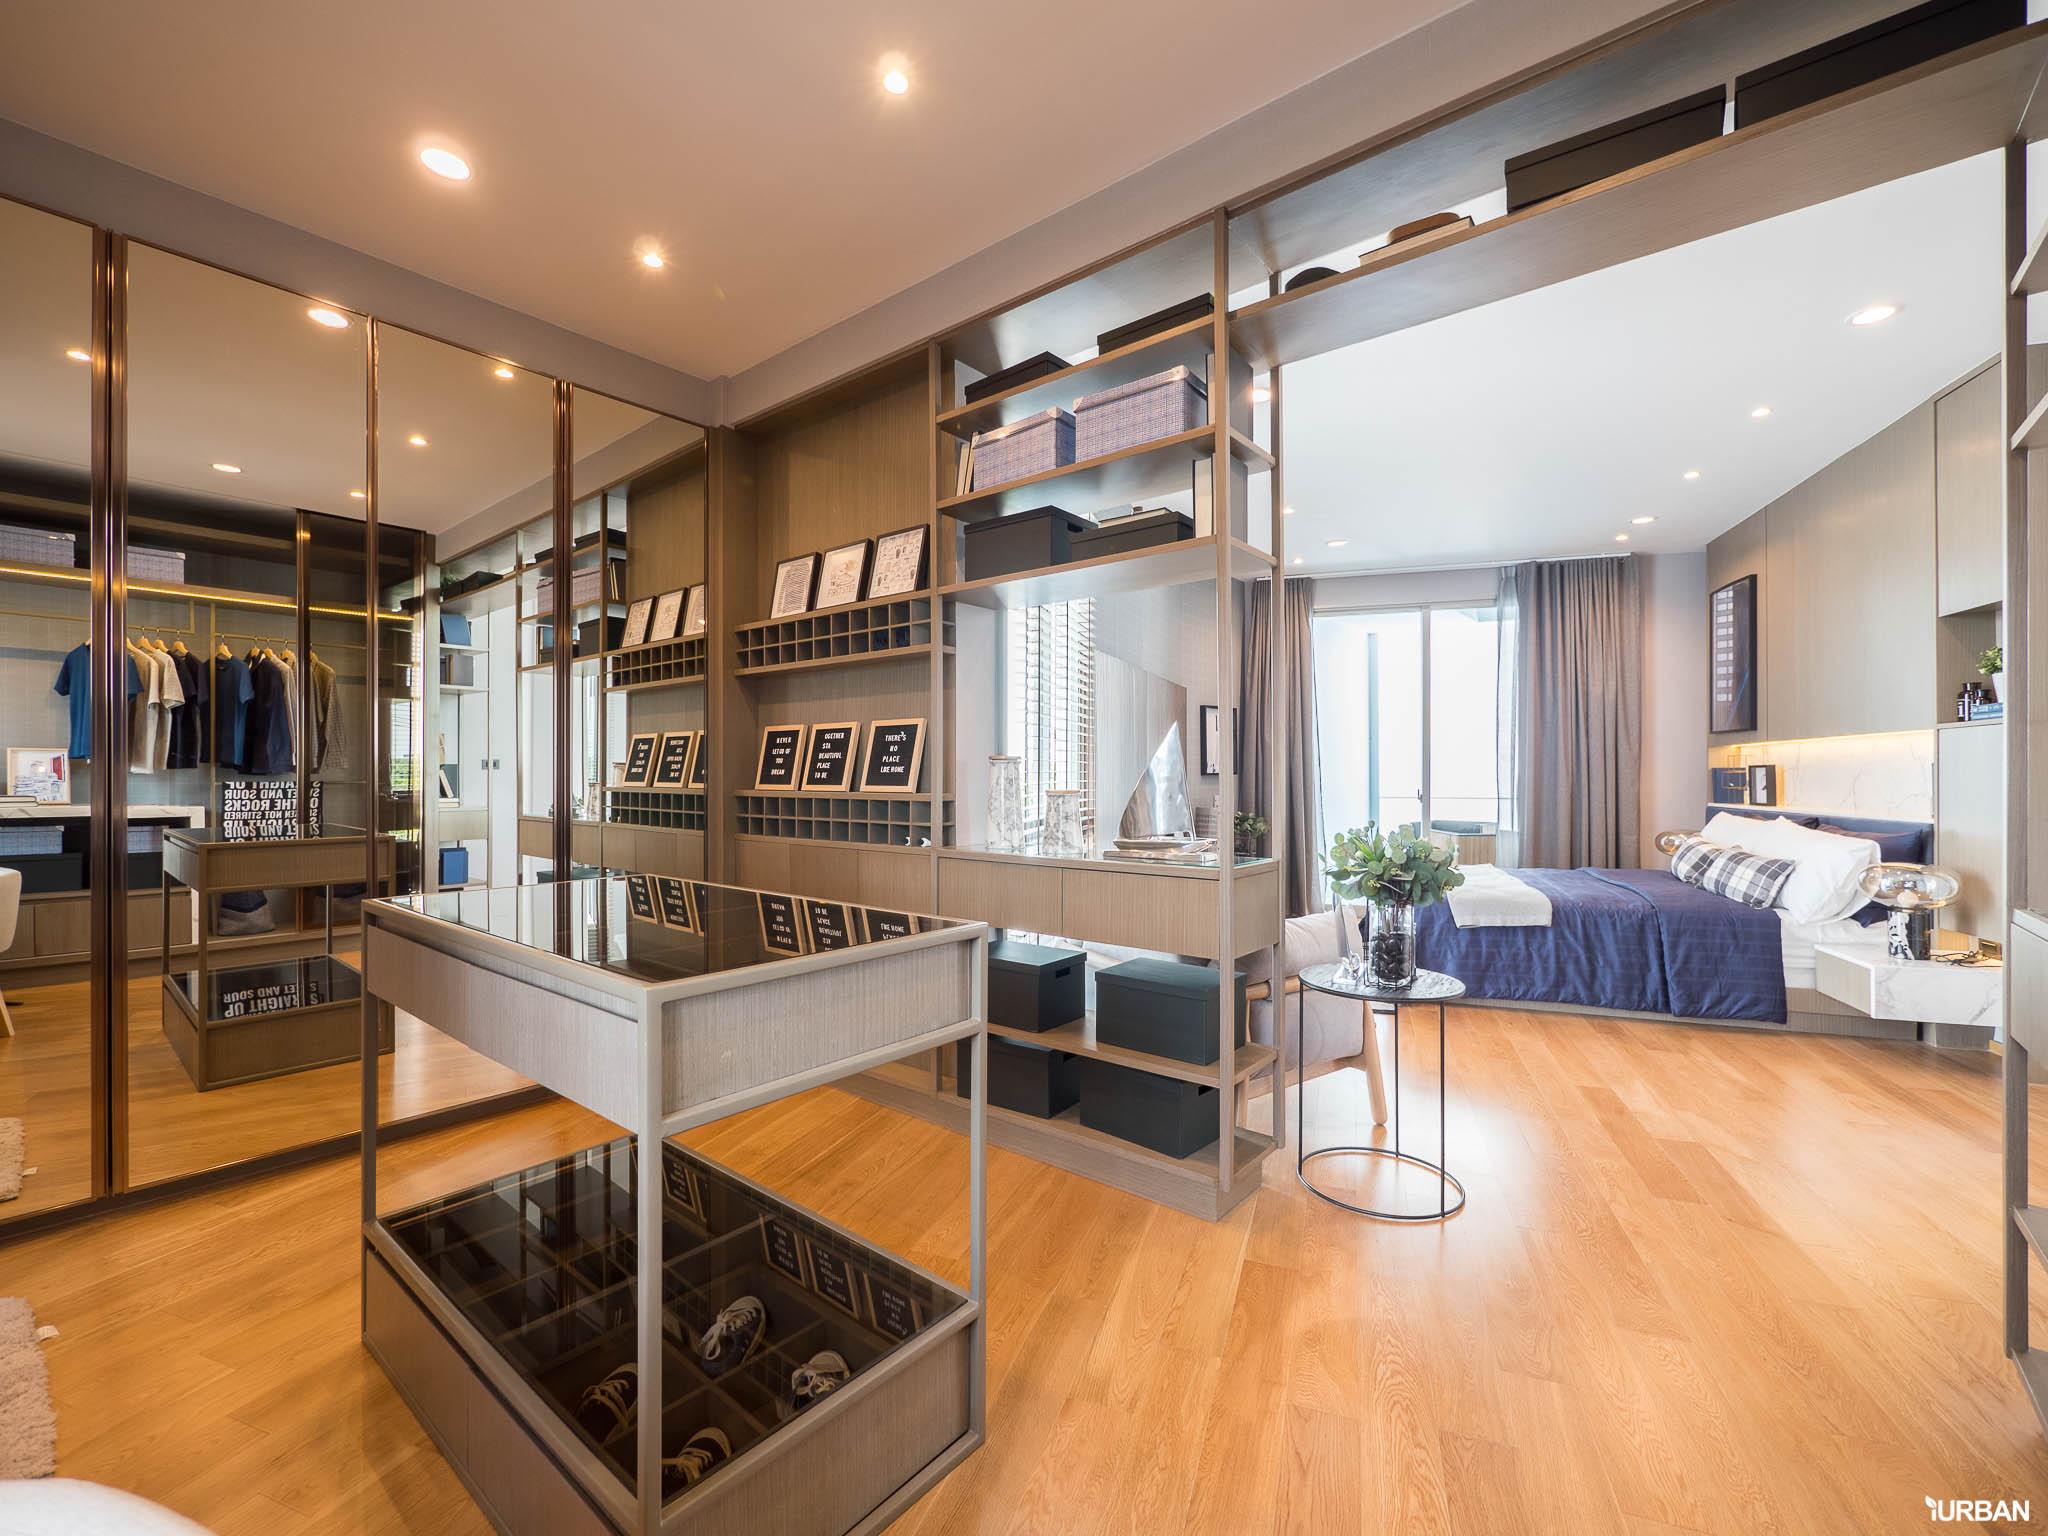 รีวิว Nirvana BEYOND Udonthani บ้านเดี่ยว 3 ชั้น ดีไซน์บิดสุดโมเดิร์น บนที่ดินสุดท้ายหน้าหนองประจักษ์ 79 - Luxury